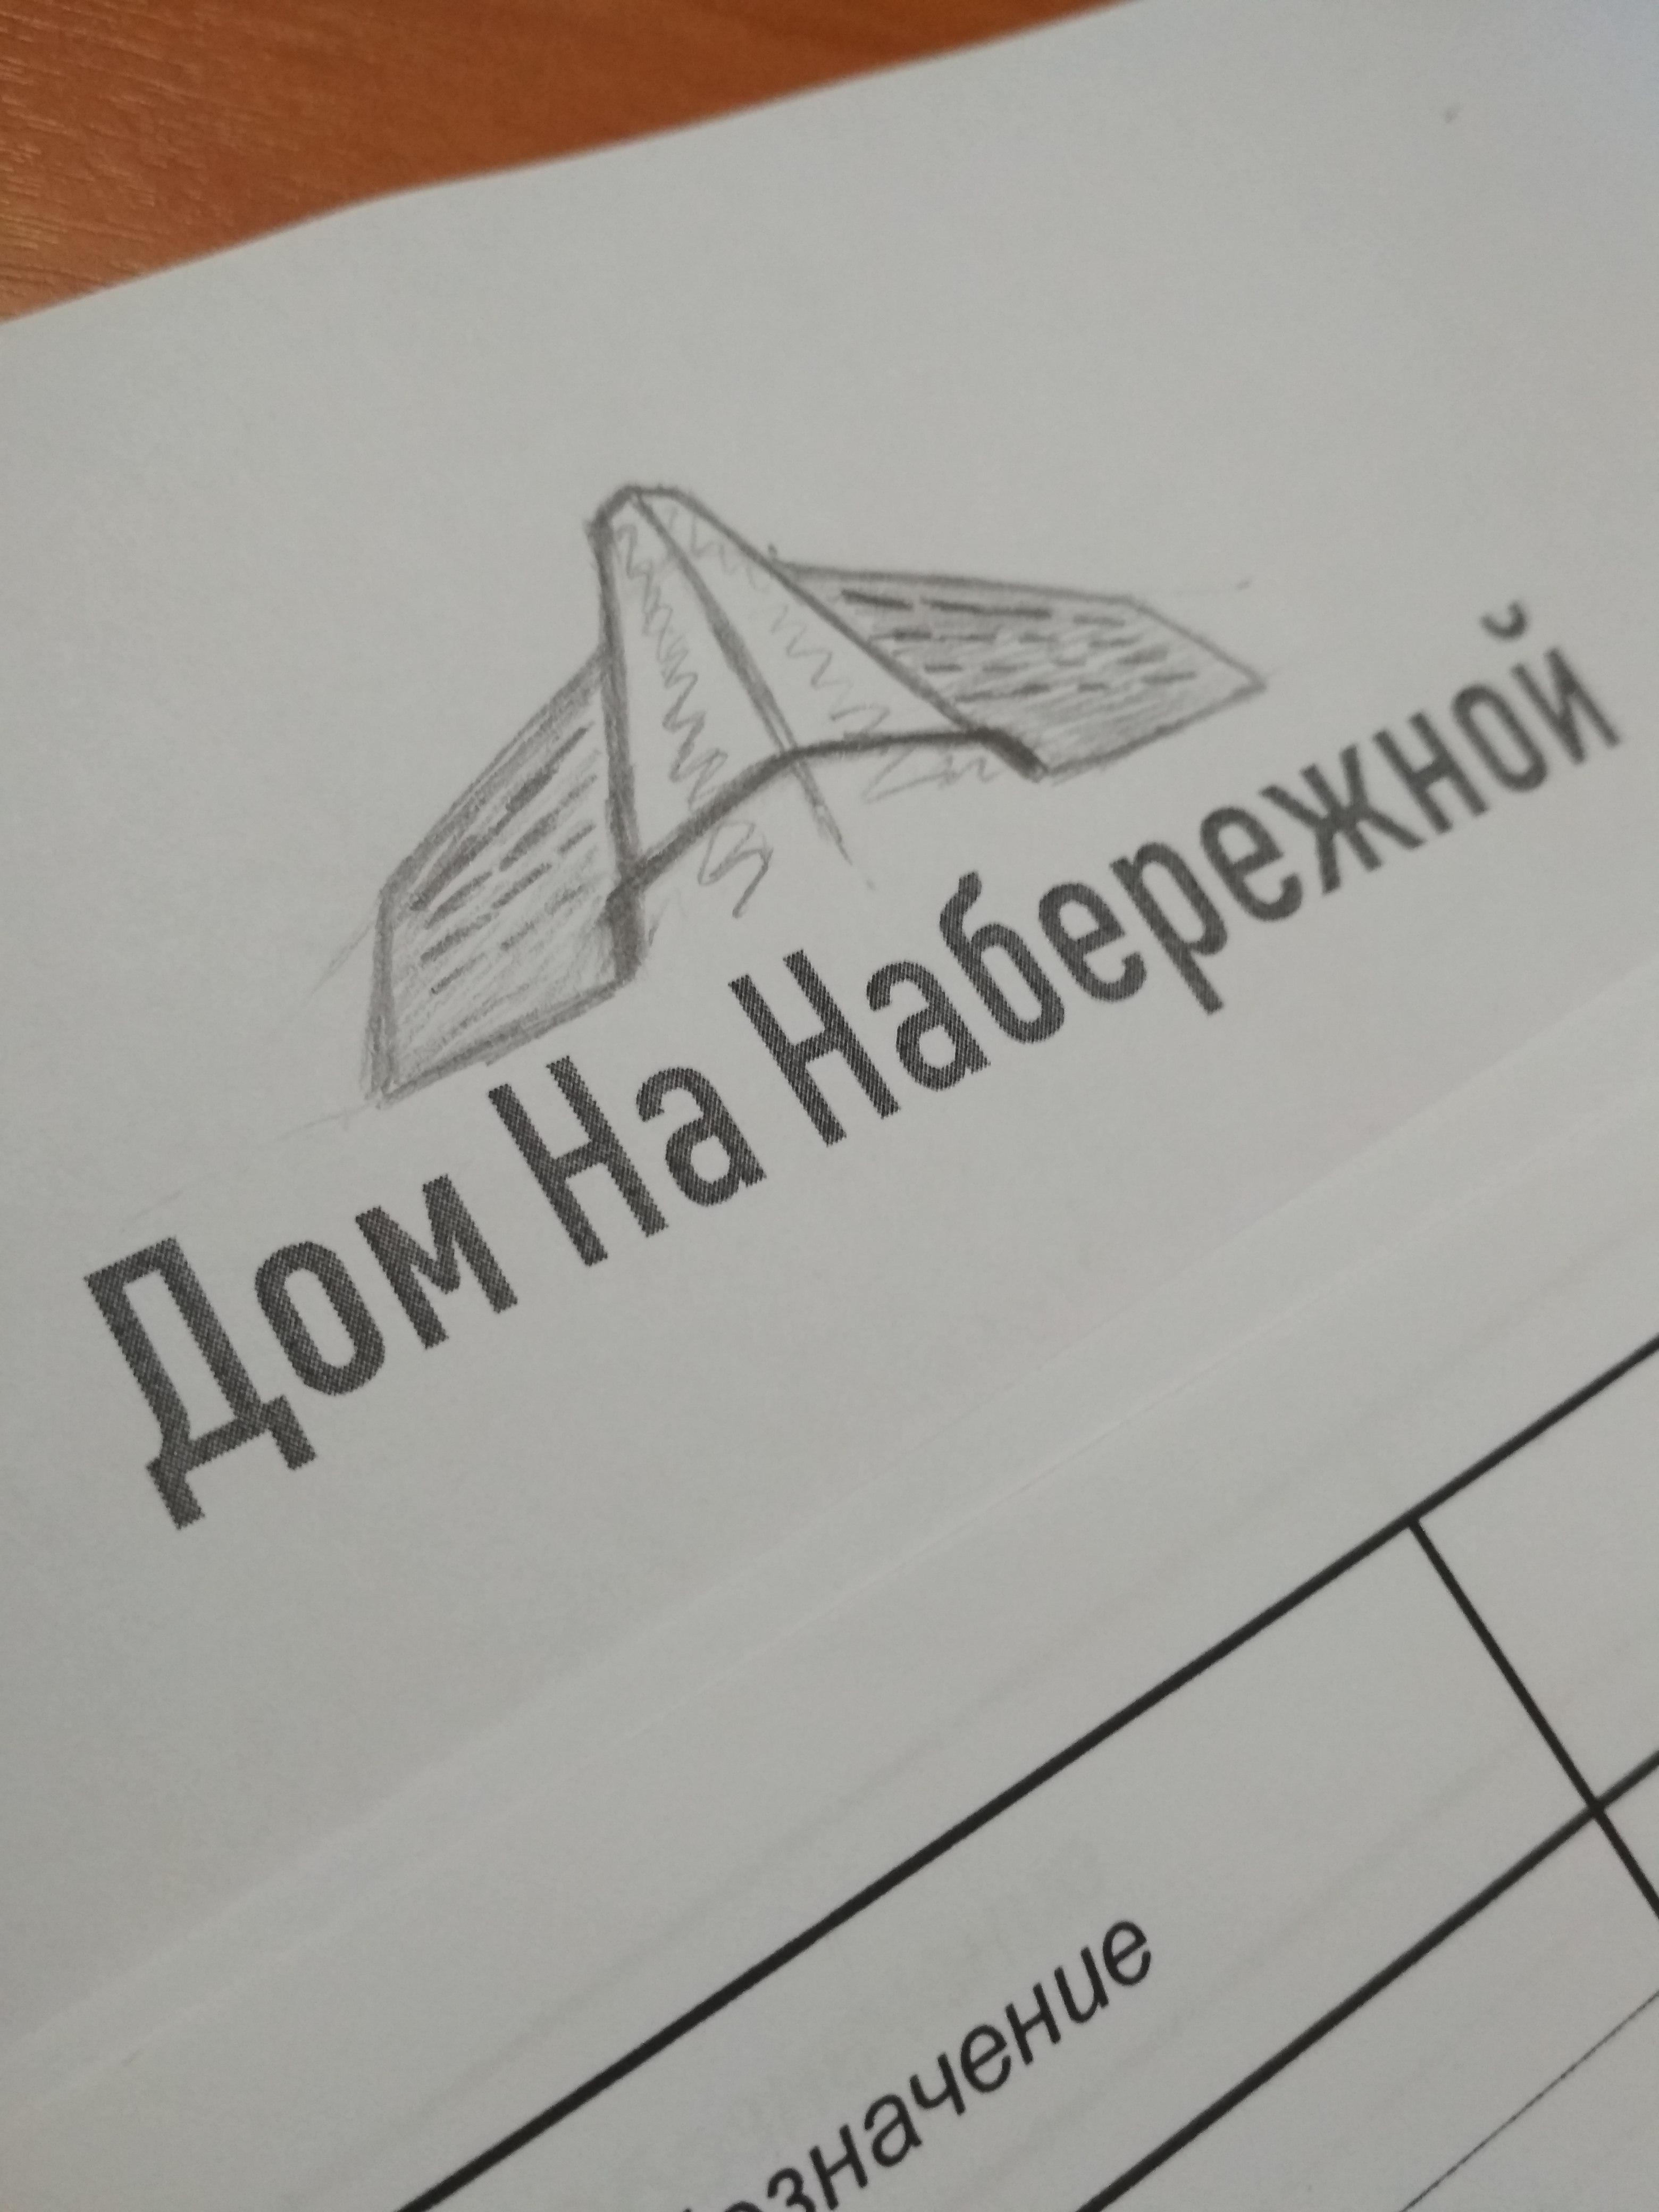 РАЗРАБОТКА логотипа для ЖИЛОГО КОМПЛЕКСА премиум В АНАПЕ.  фото f_9725de7acc89bd02.jpg